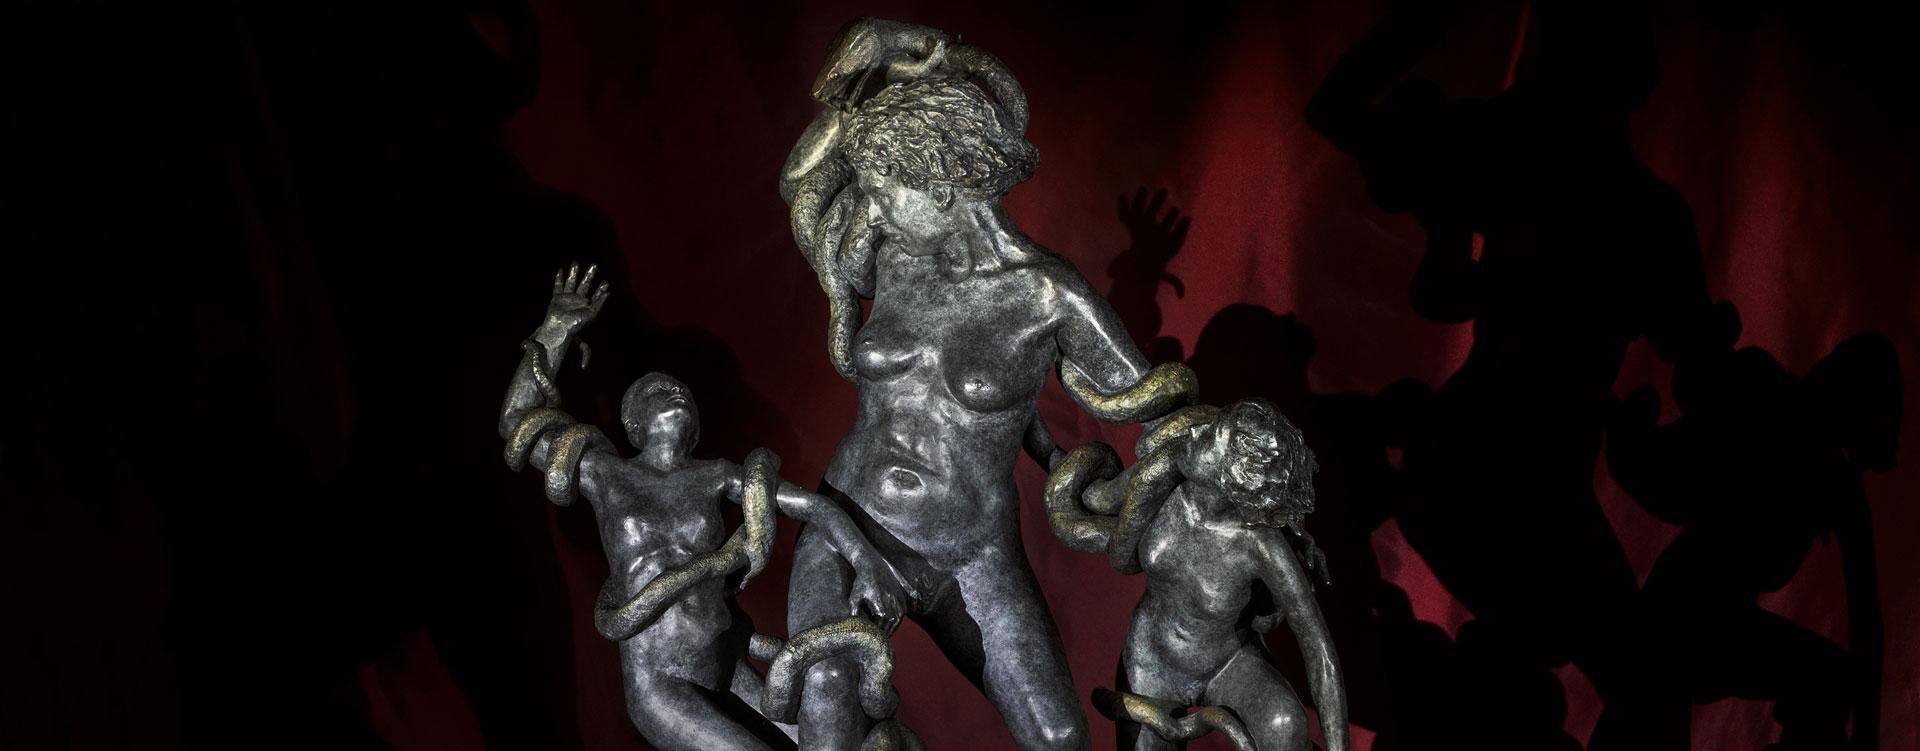 La Laocoonte, 2015, bronzo, cm 79 x 66 x 27,5